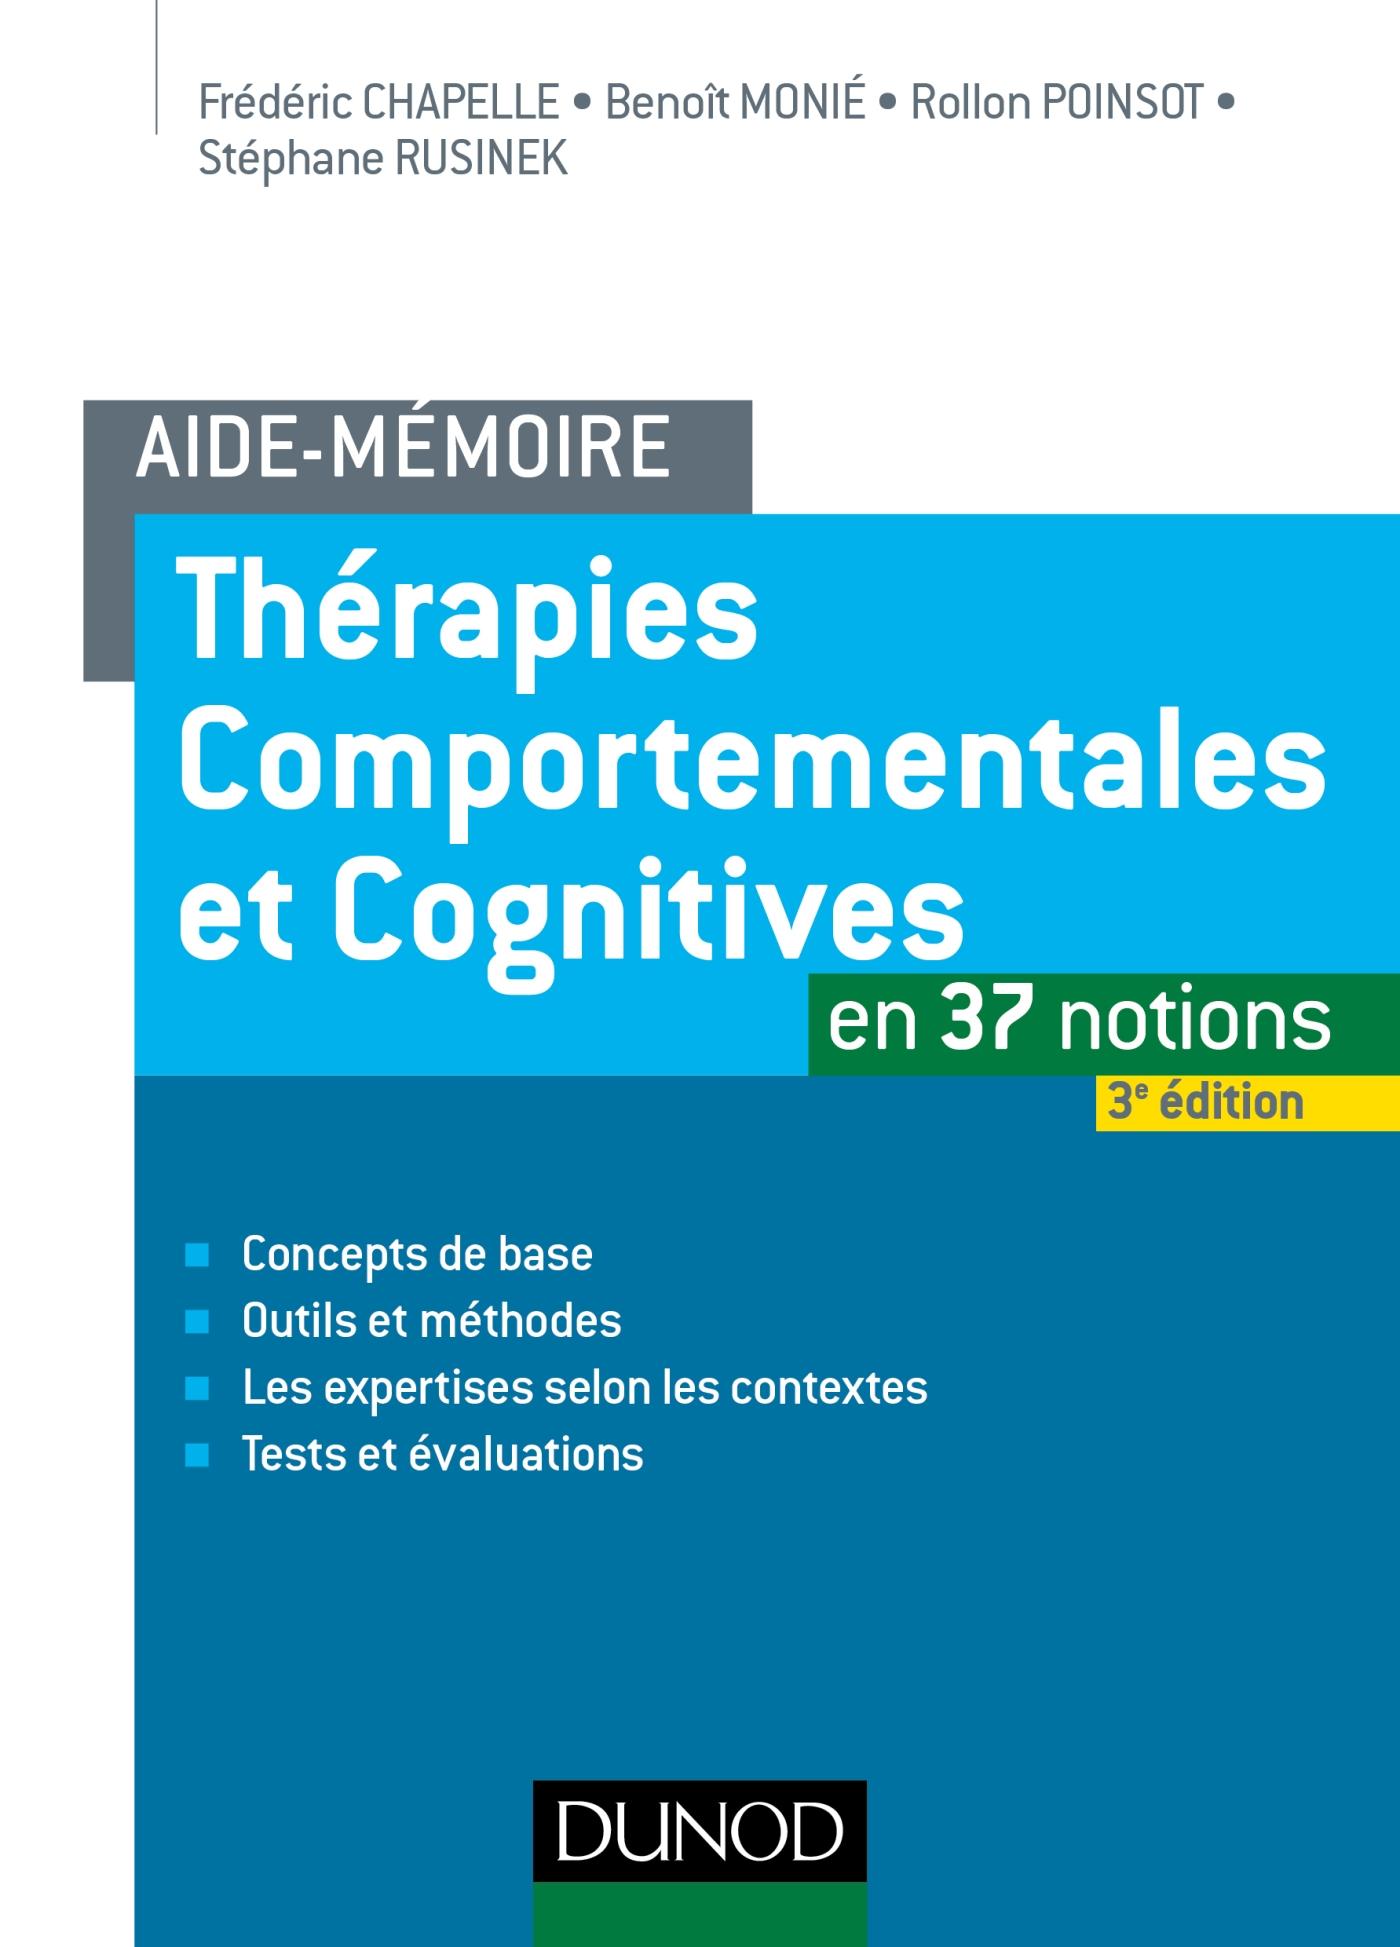 Aide-mémoire - Thérapies comportementales et cognitives